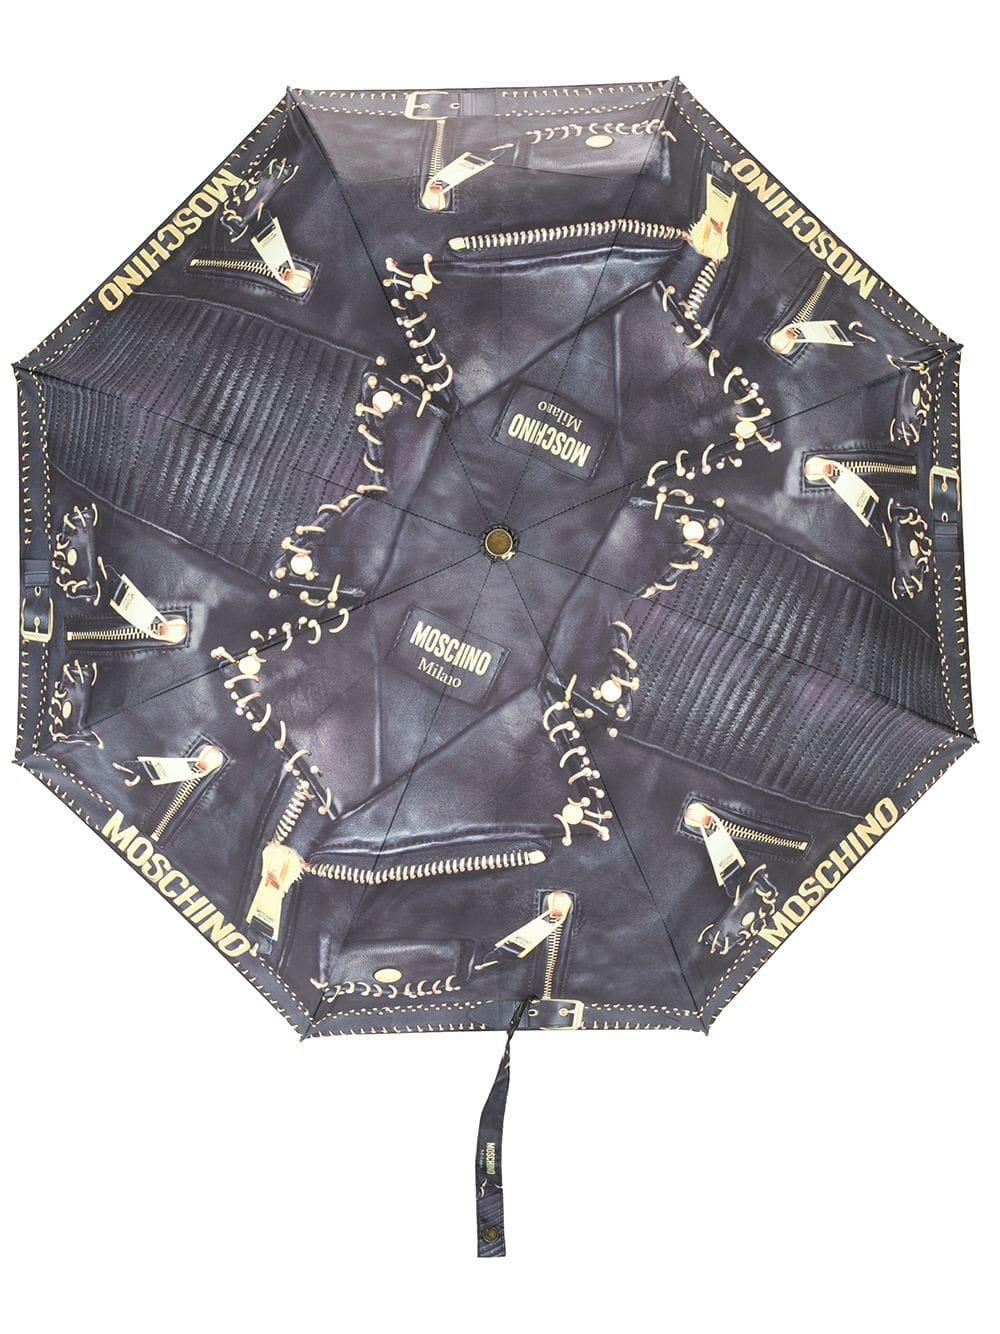 Moschino Regenschirm mit Print - Schwarz